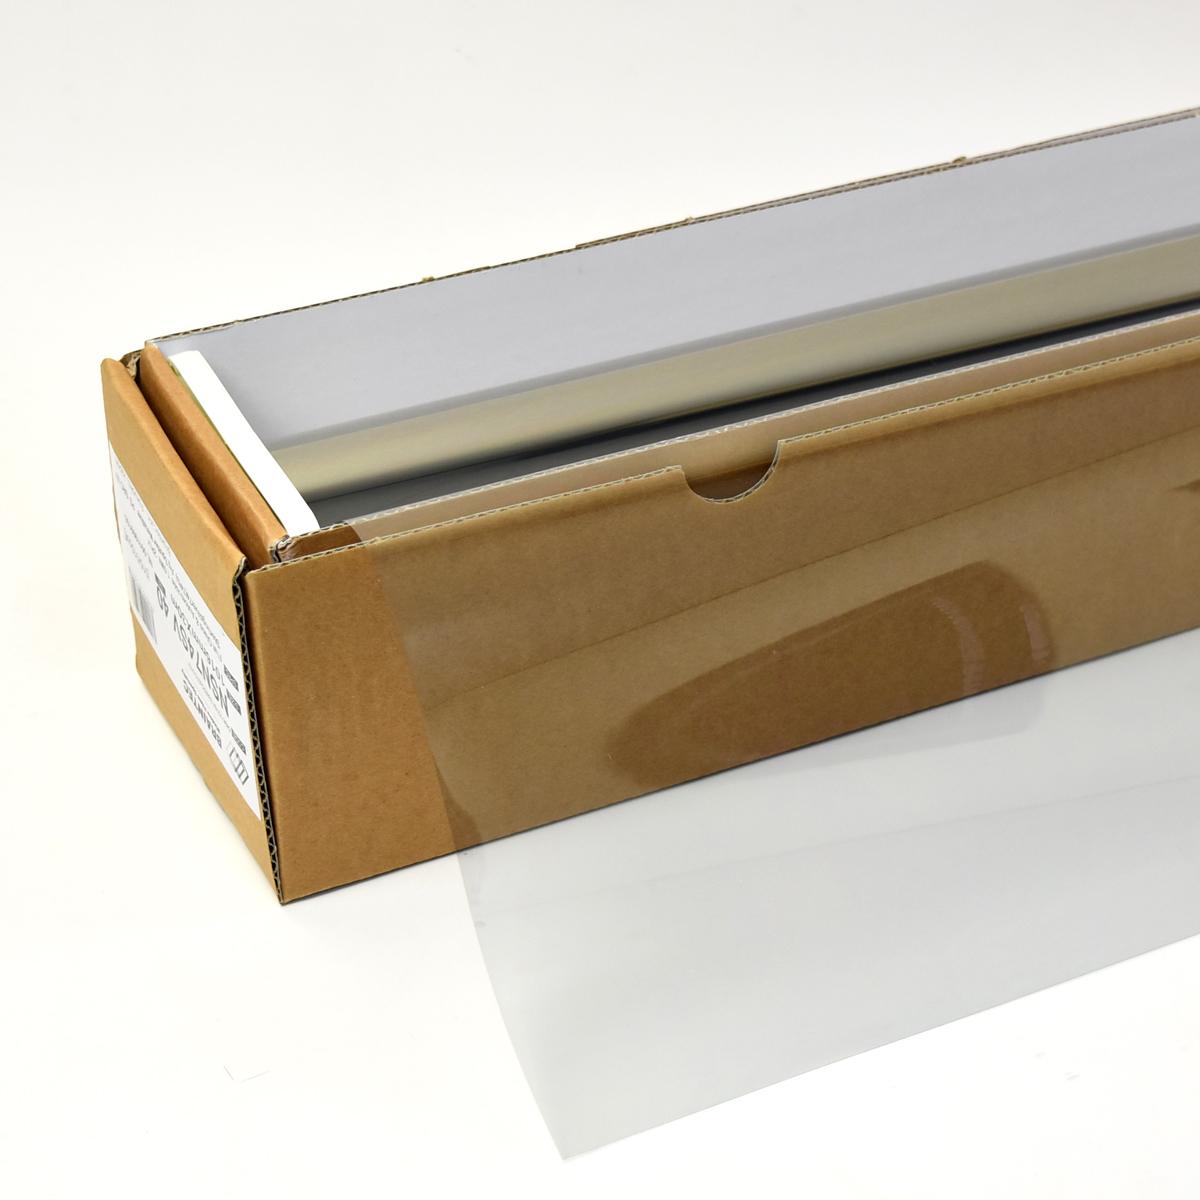 スターリングシルバー74 1m幅 x 30mロール箱売 【ウインドフィルム カーフィルム】 #NSN74SV40 Roll#